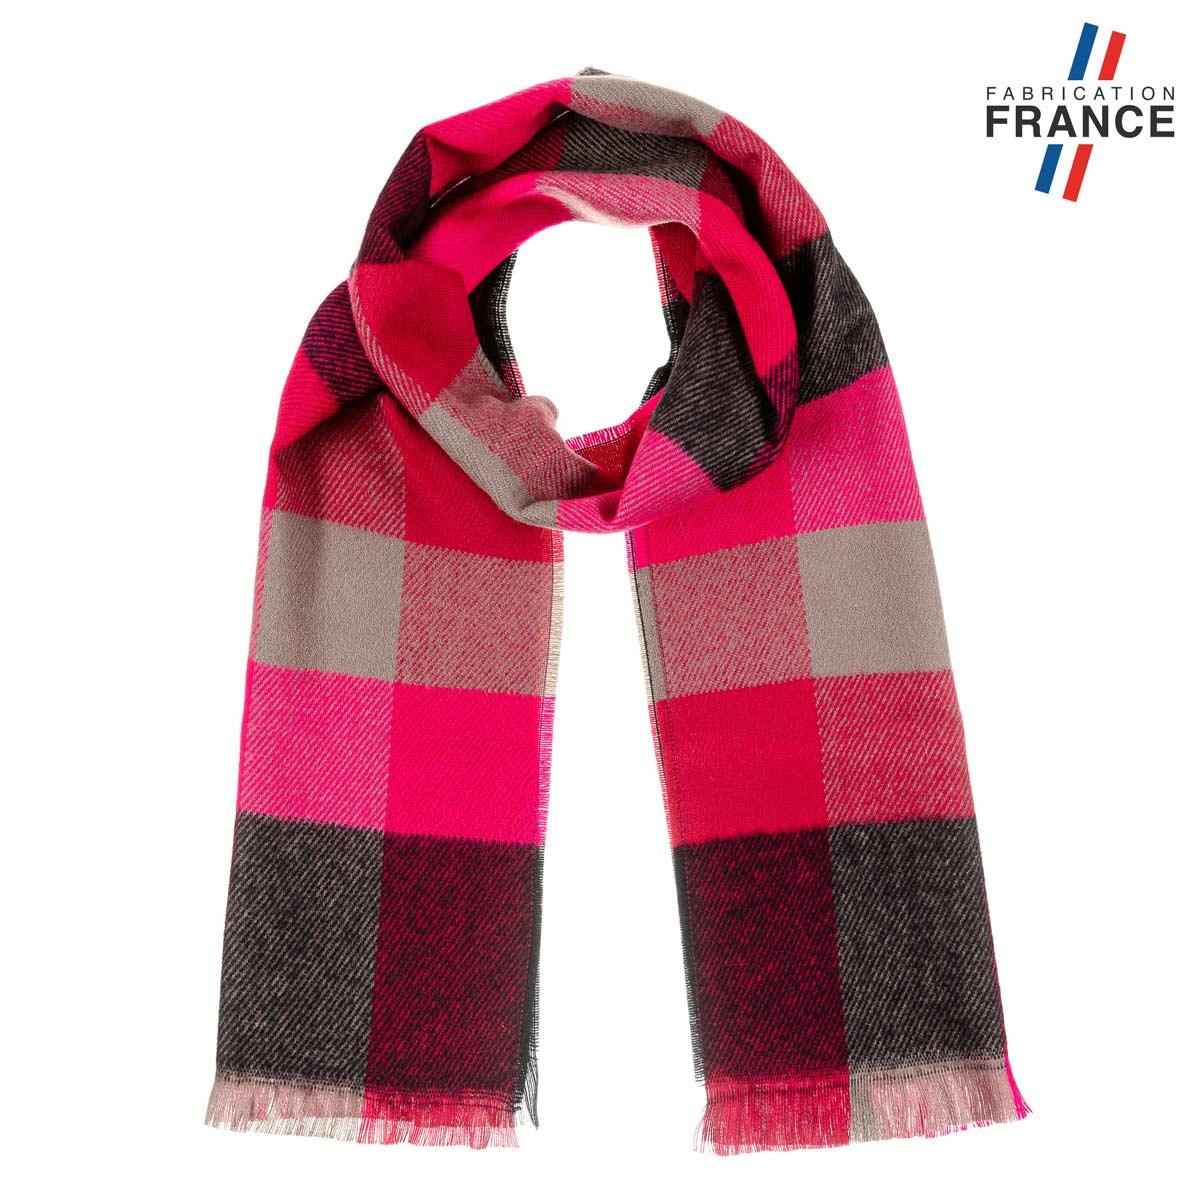 AT-06202_F12-1FR_Echarpe-a-carreaux-rose-fabriquée-en-france